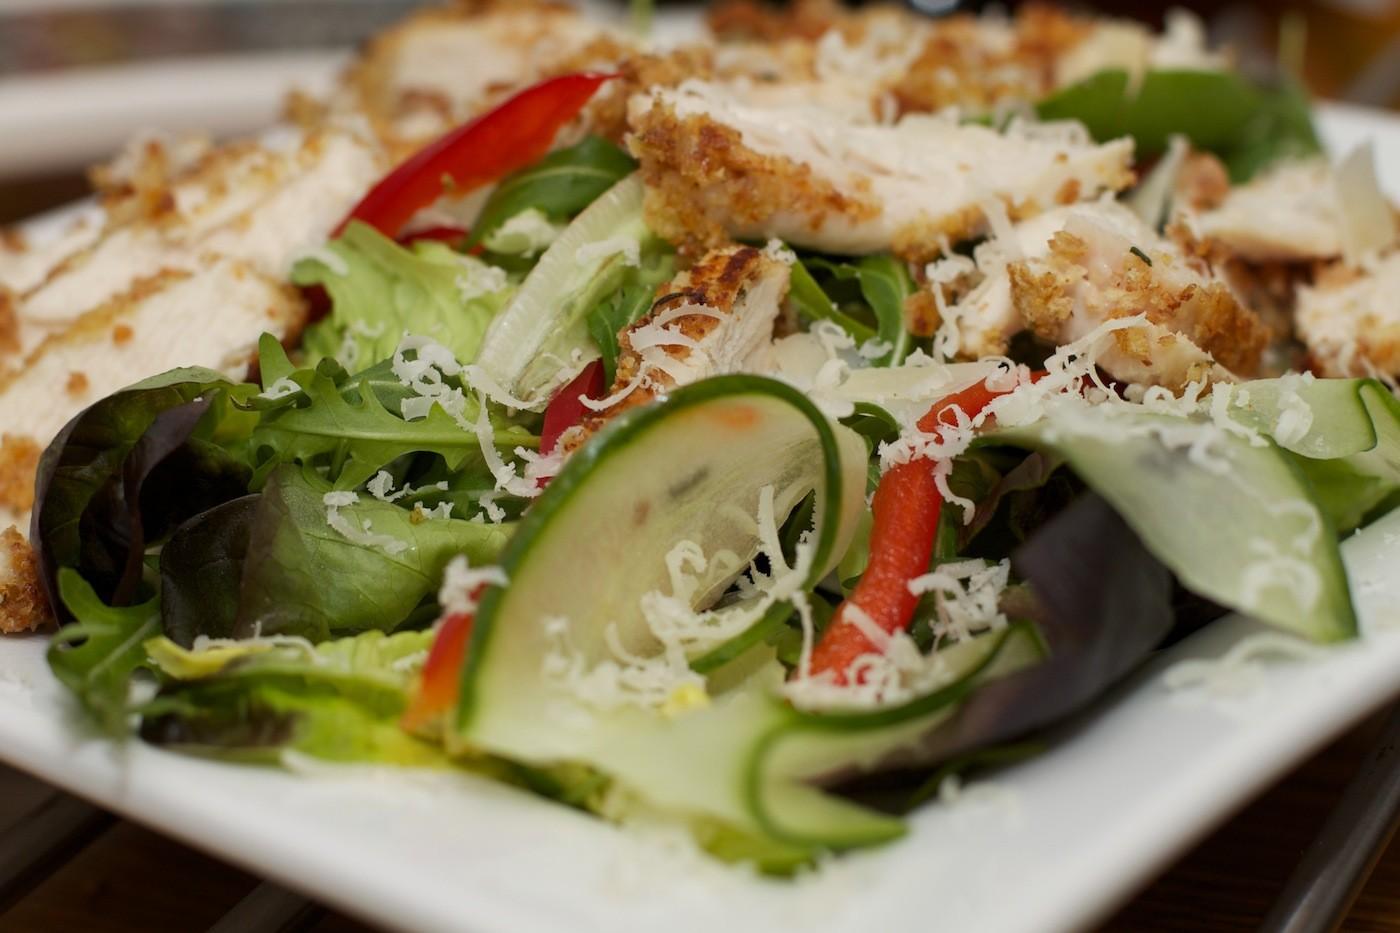 Salade met kip in mosterdjasje